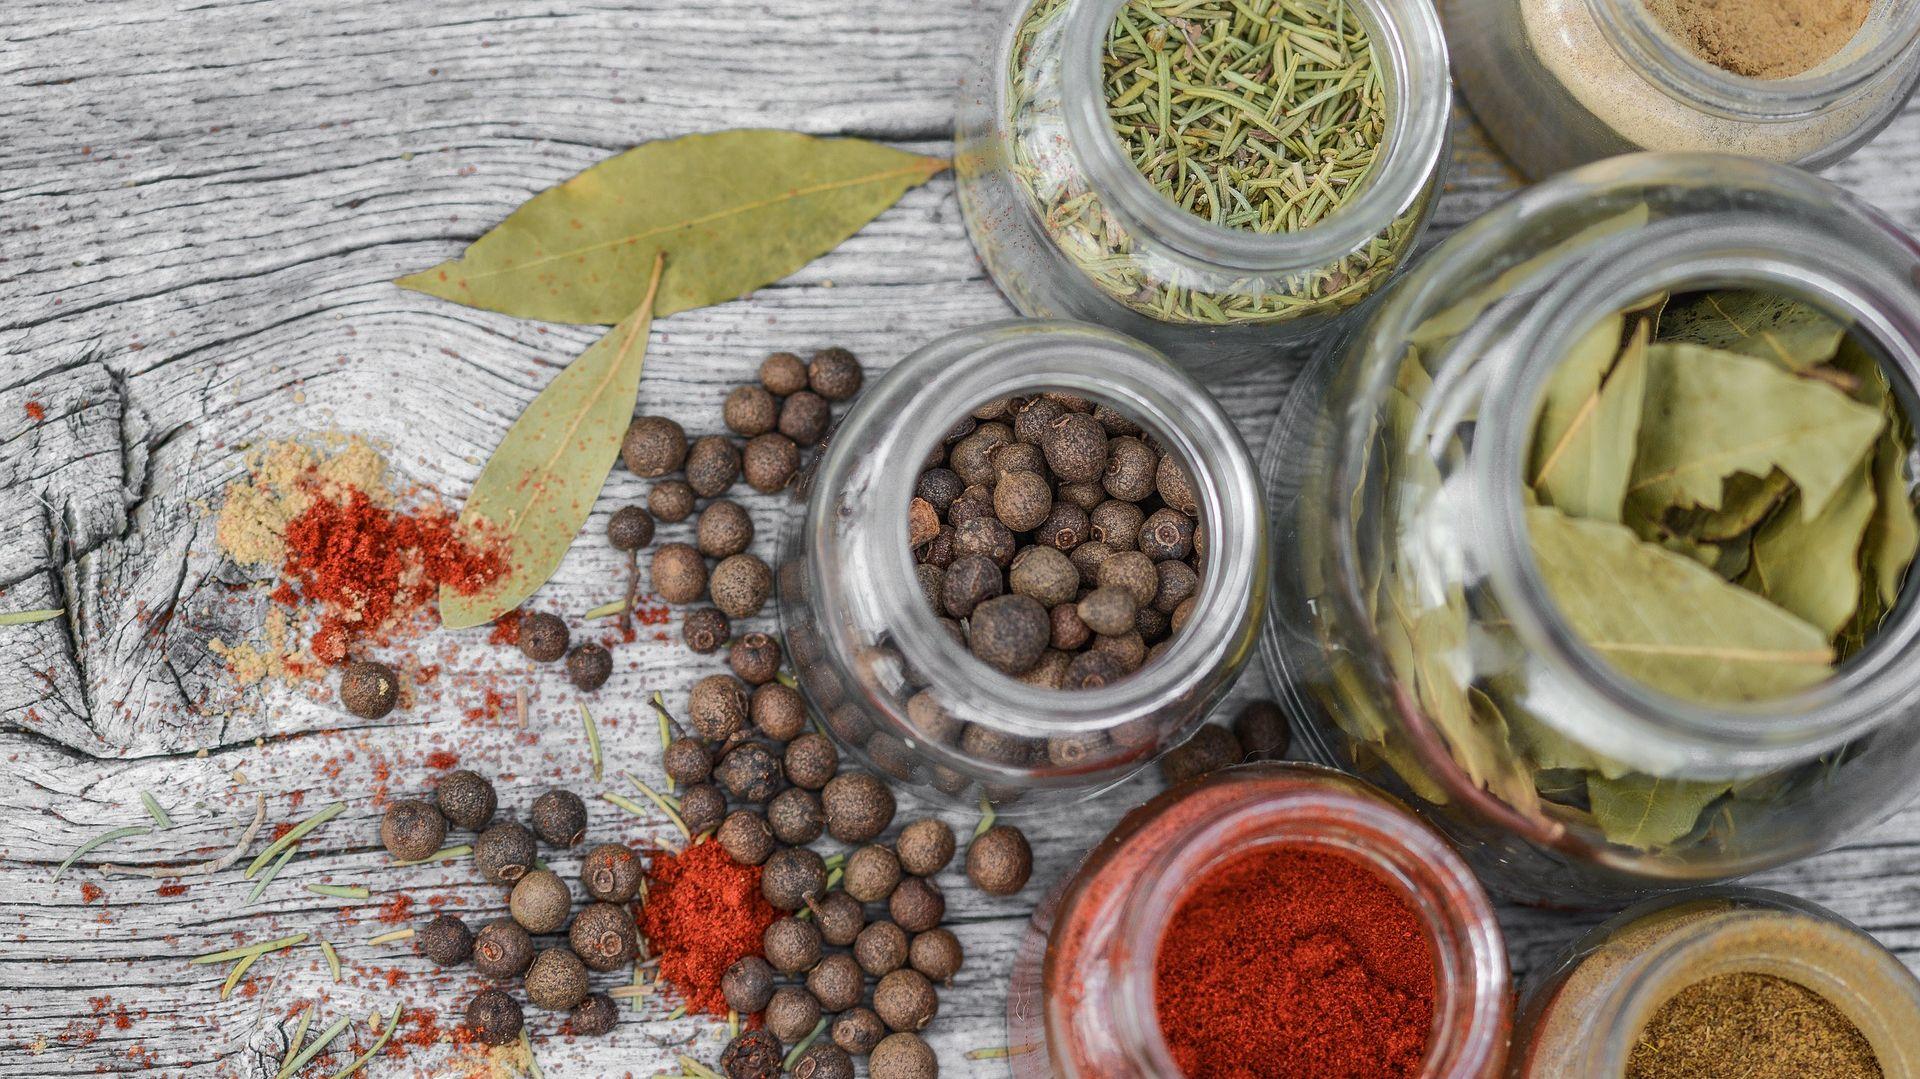 Domowa apteczka - jak wykorzystać zioła w kuchni. Fot. Pixabay